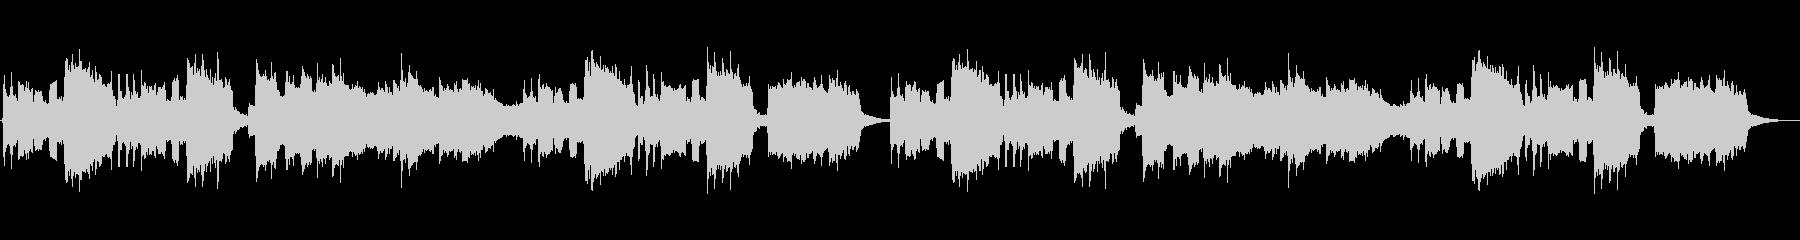 クラリネットが印象的なアニメ風ジングルの未再生の波形